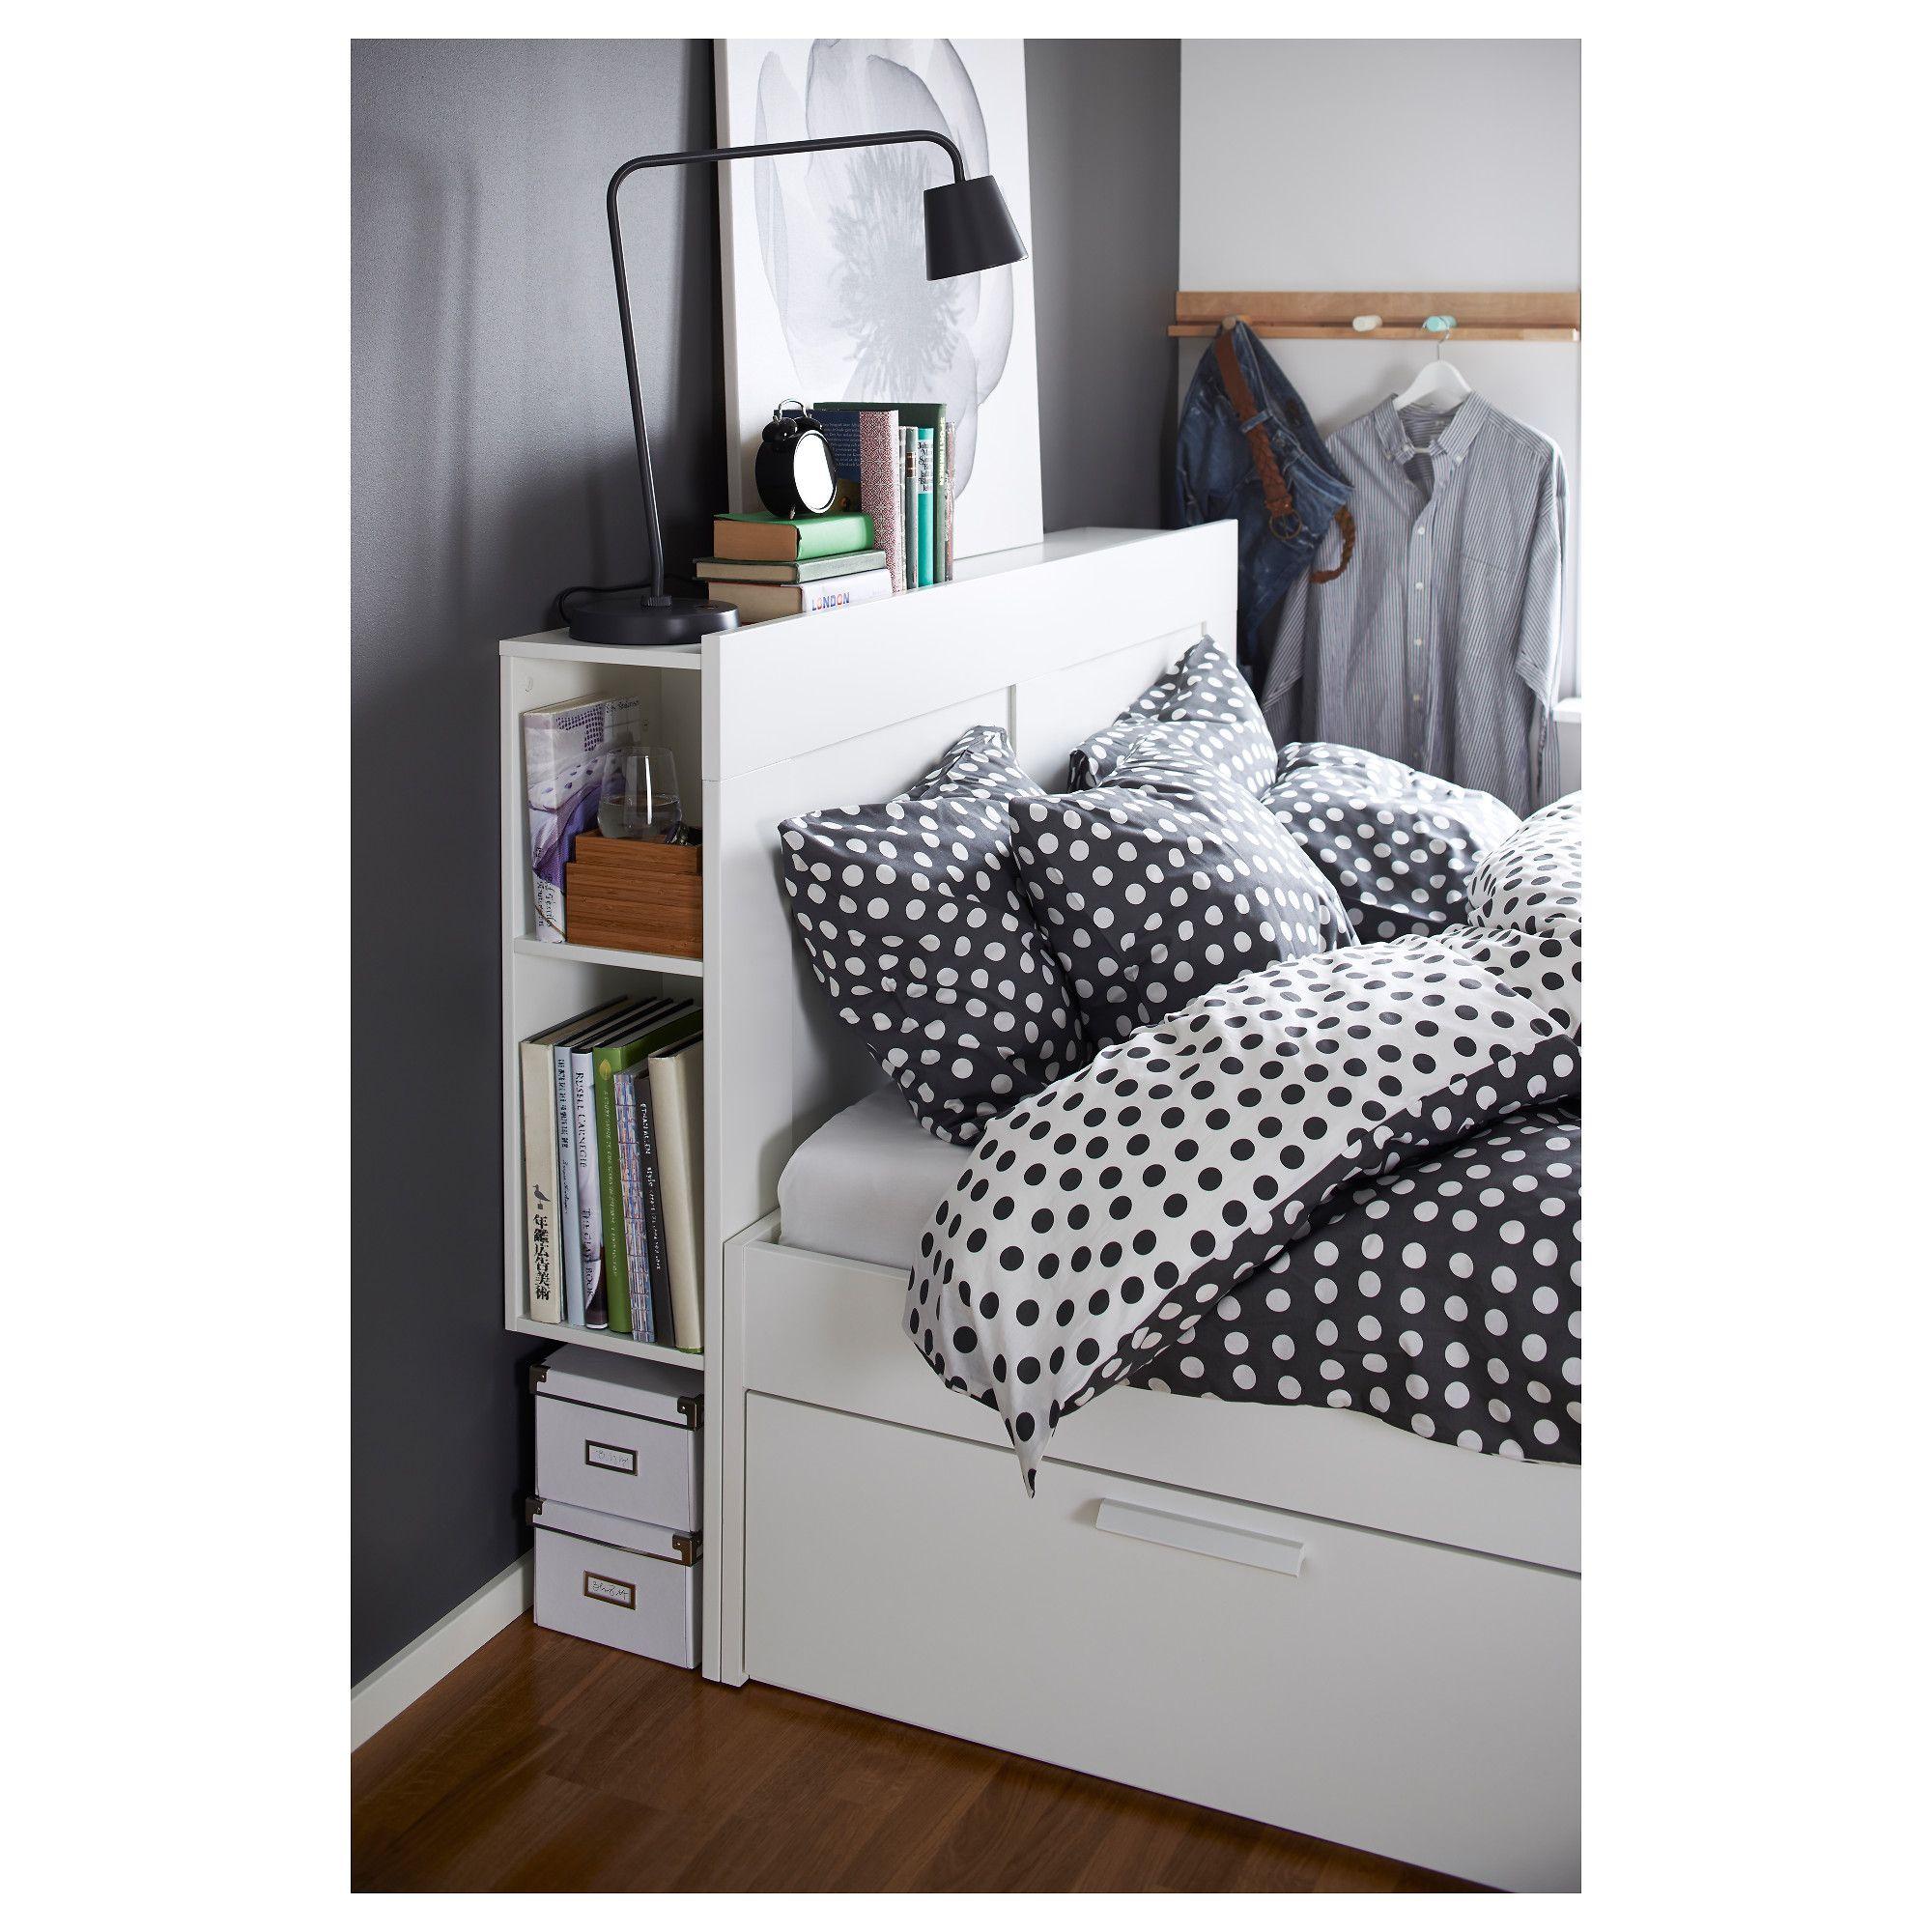 daf2480785d BRIMNES Bed frame with storage   headboard